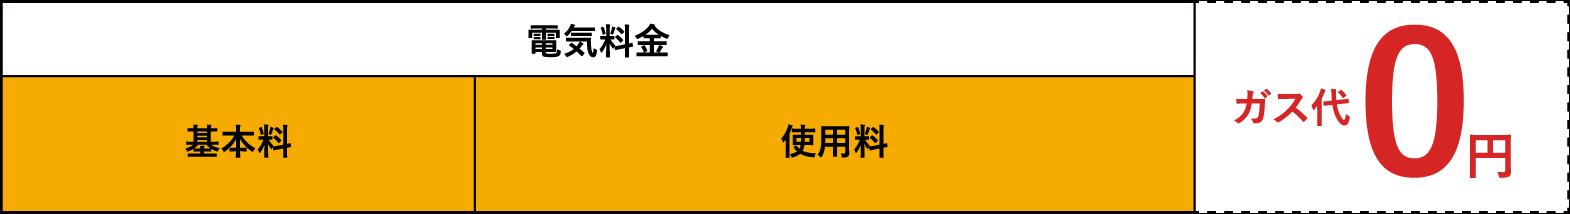 ガス代0円